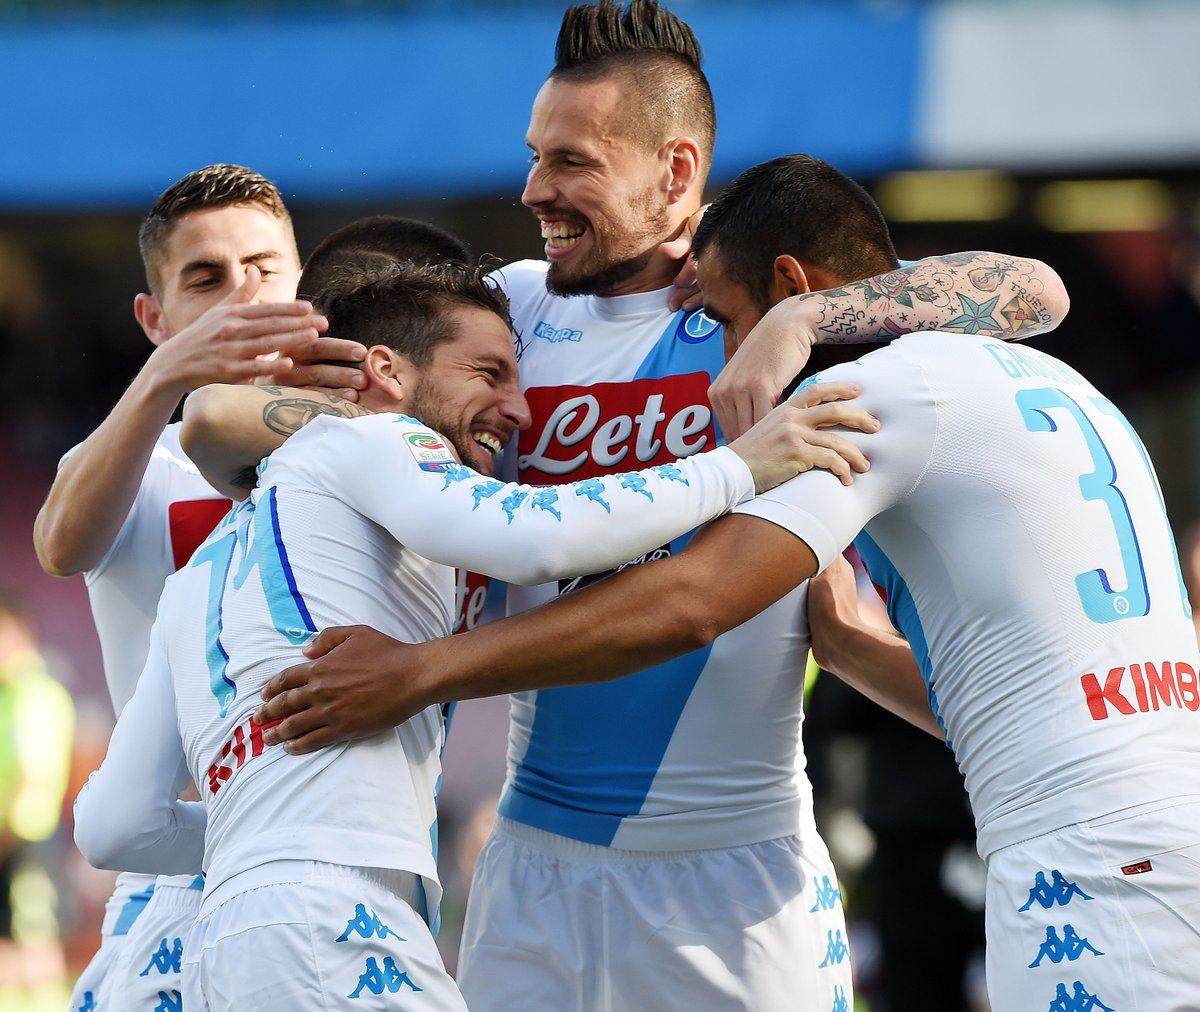 أهداف مباراة نابولي وكالياري 3-1 الدوري الإيطالي